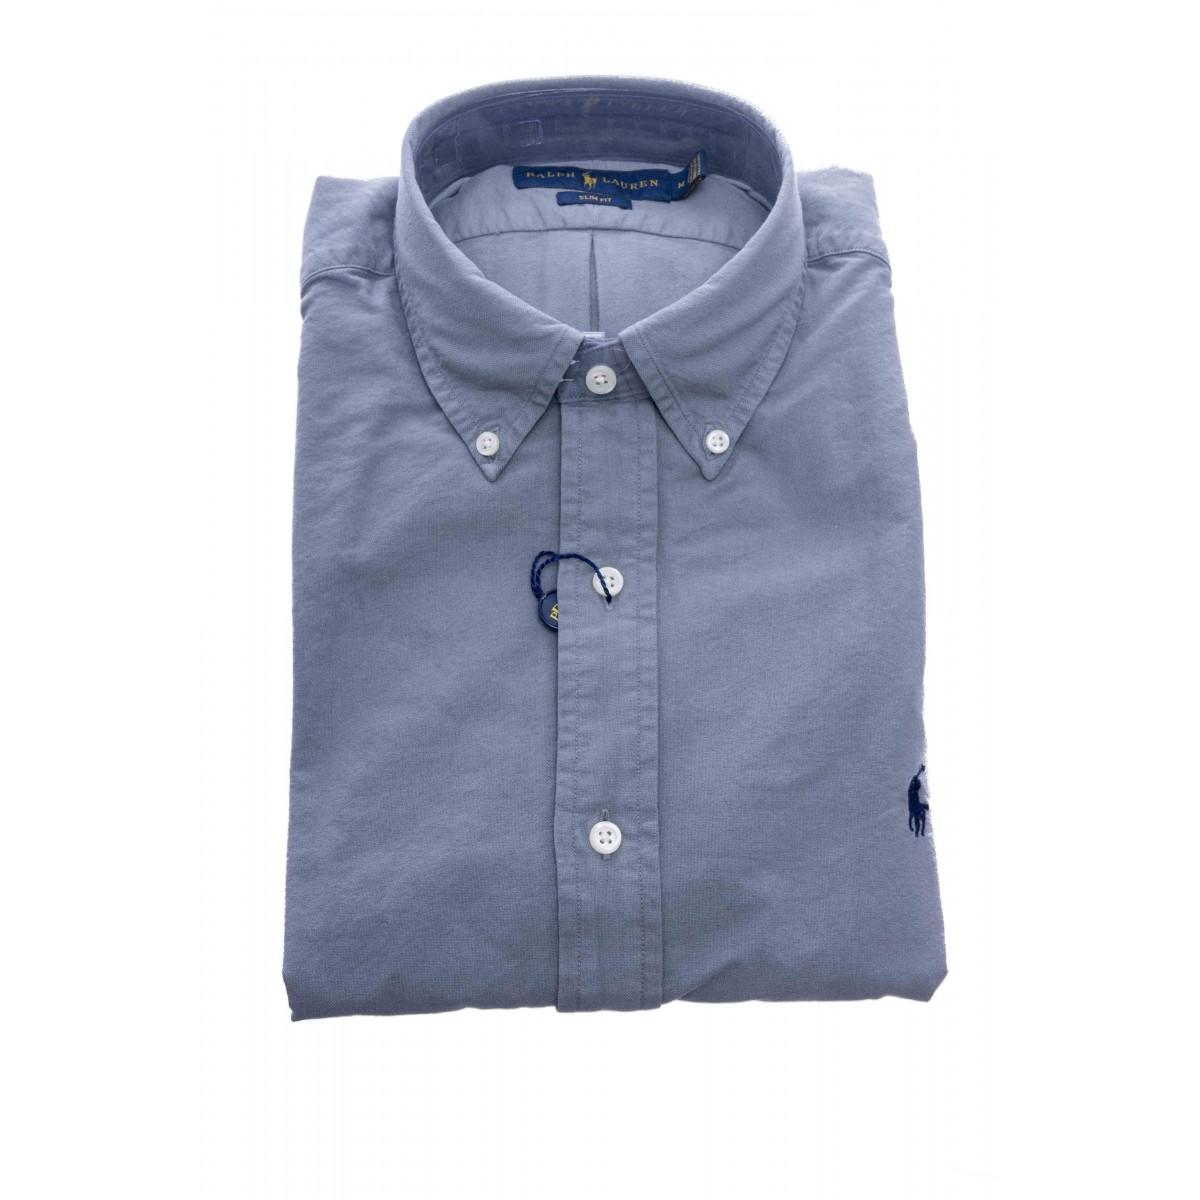 Camicia - 684871 camicia chino lavata slim fit